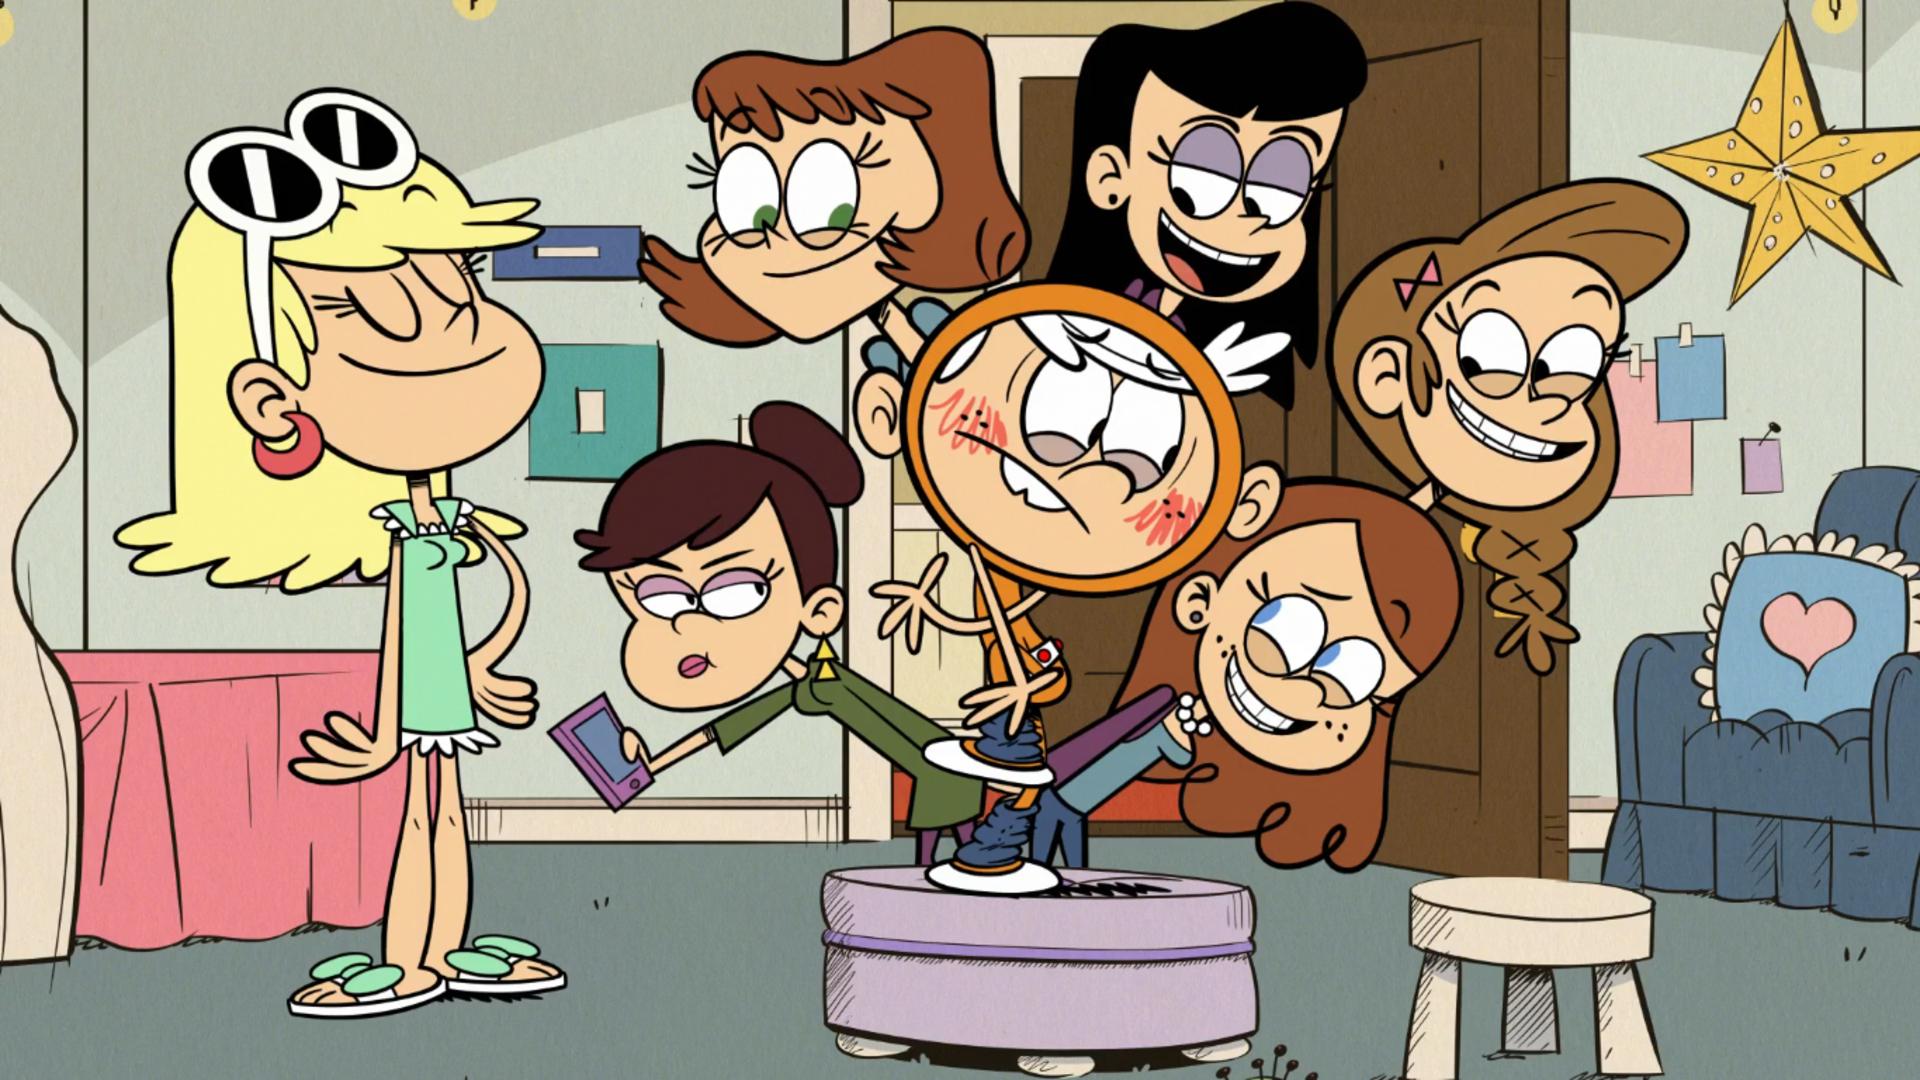 Leni's Friends